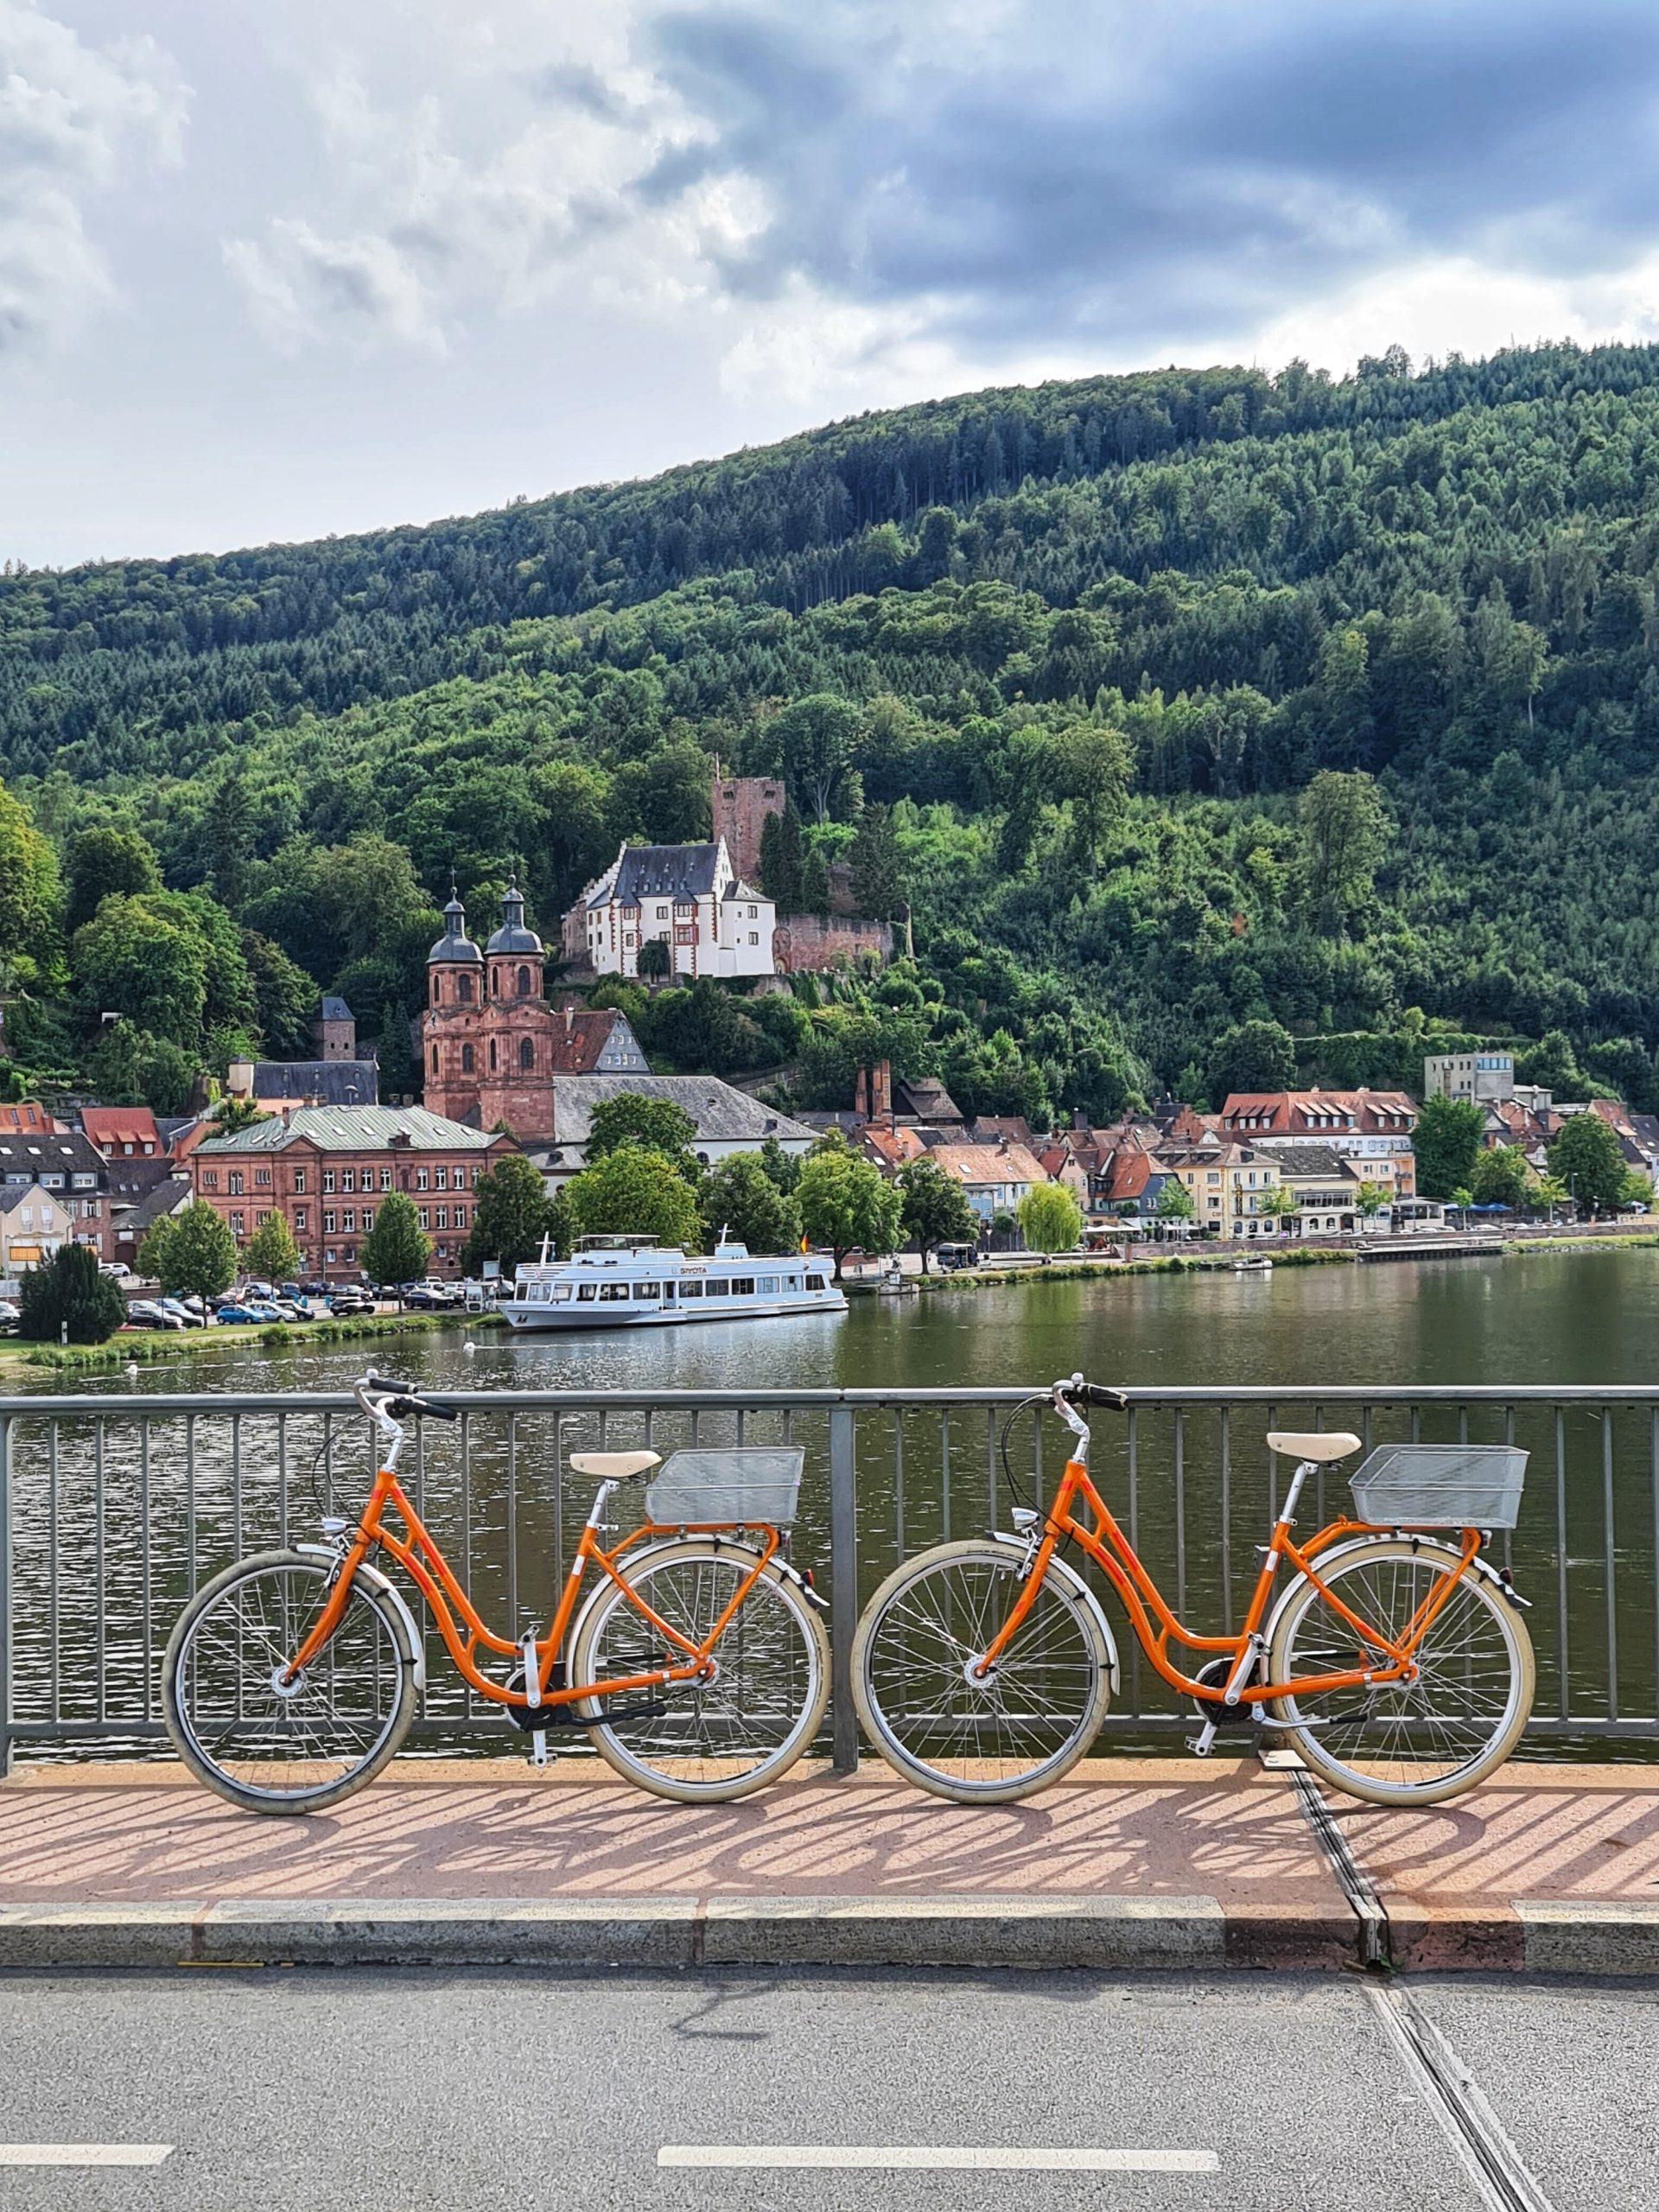 Platzhalter Fahrradverleih - Fahrräder auf Mainbrücke © Martin Widenka